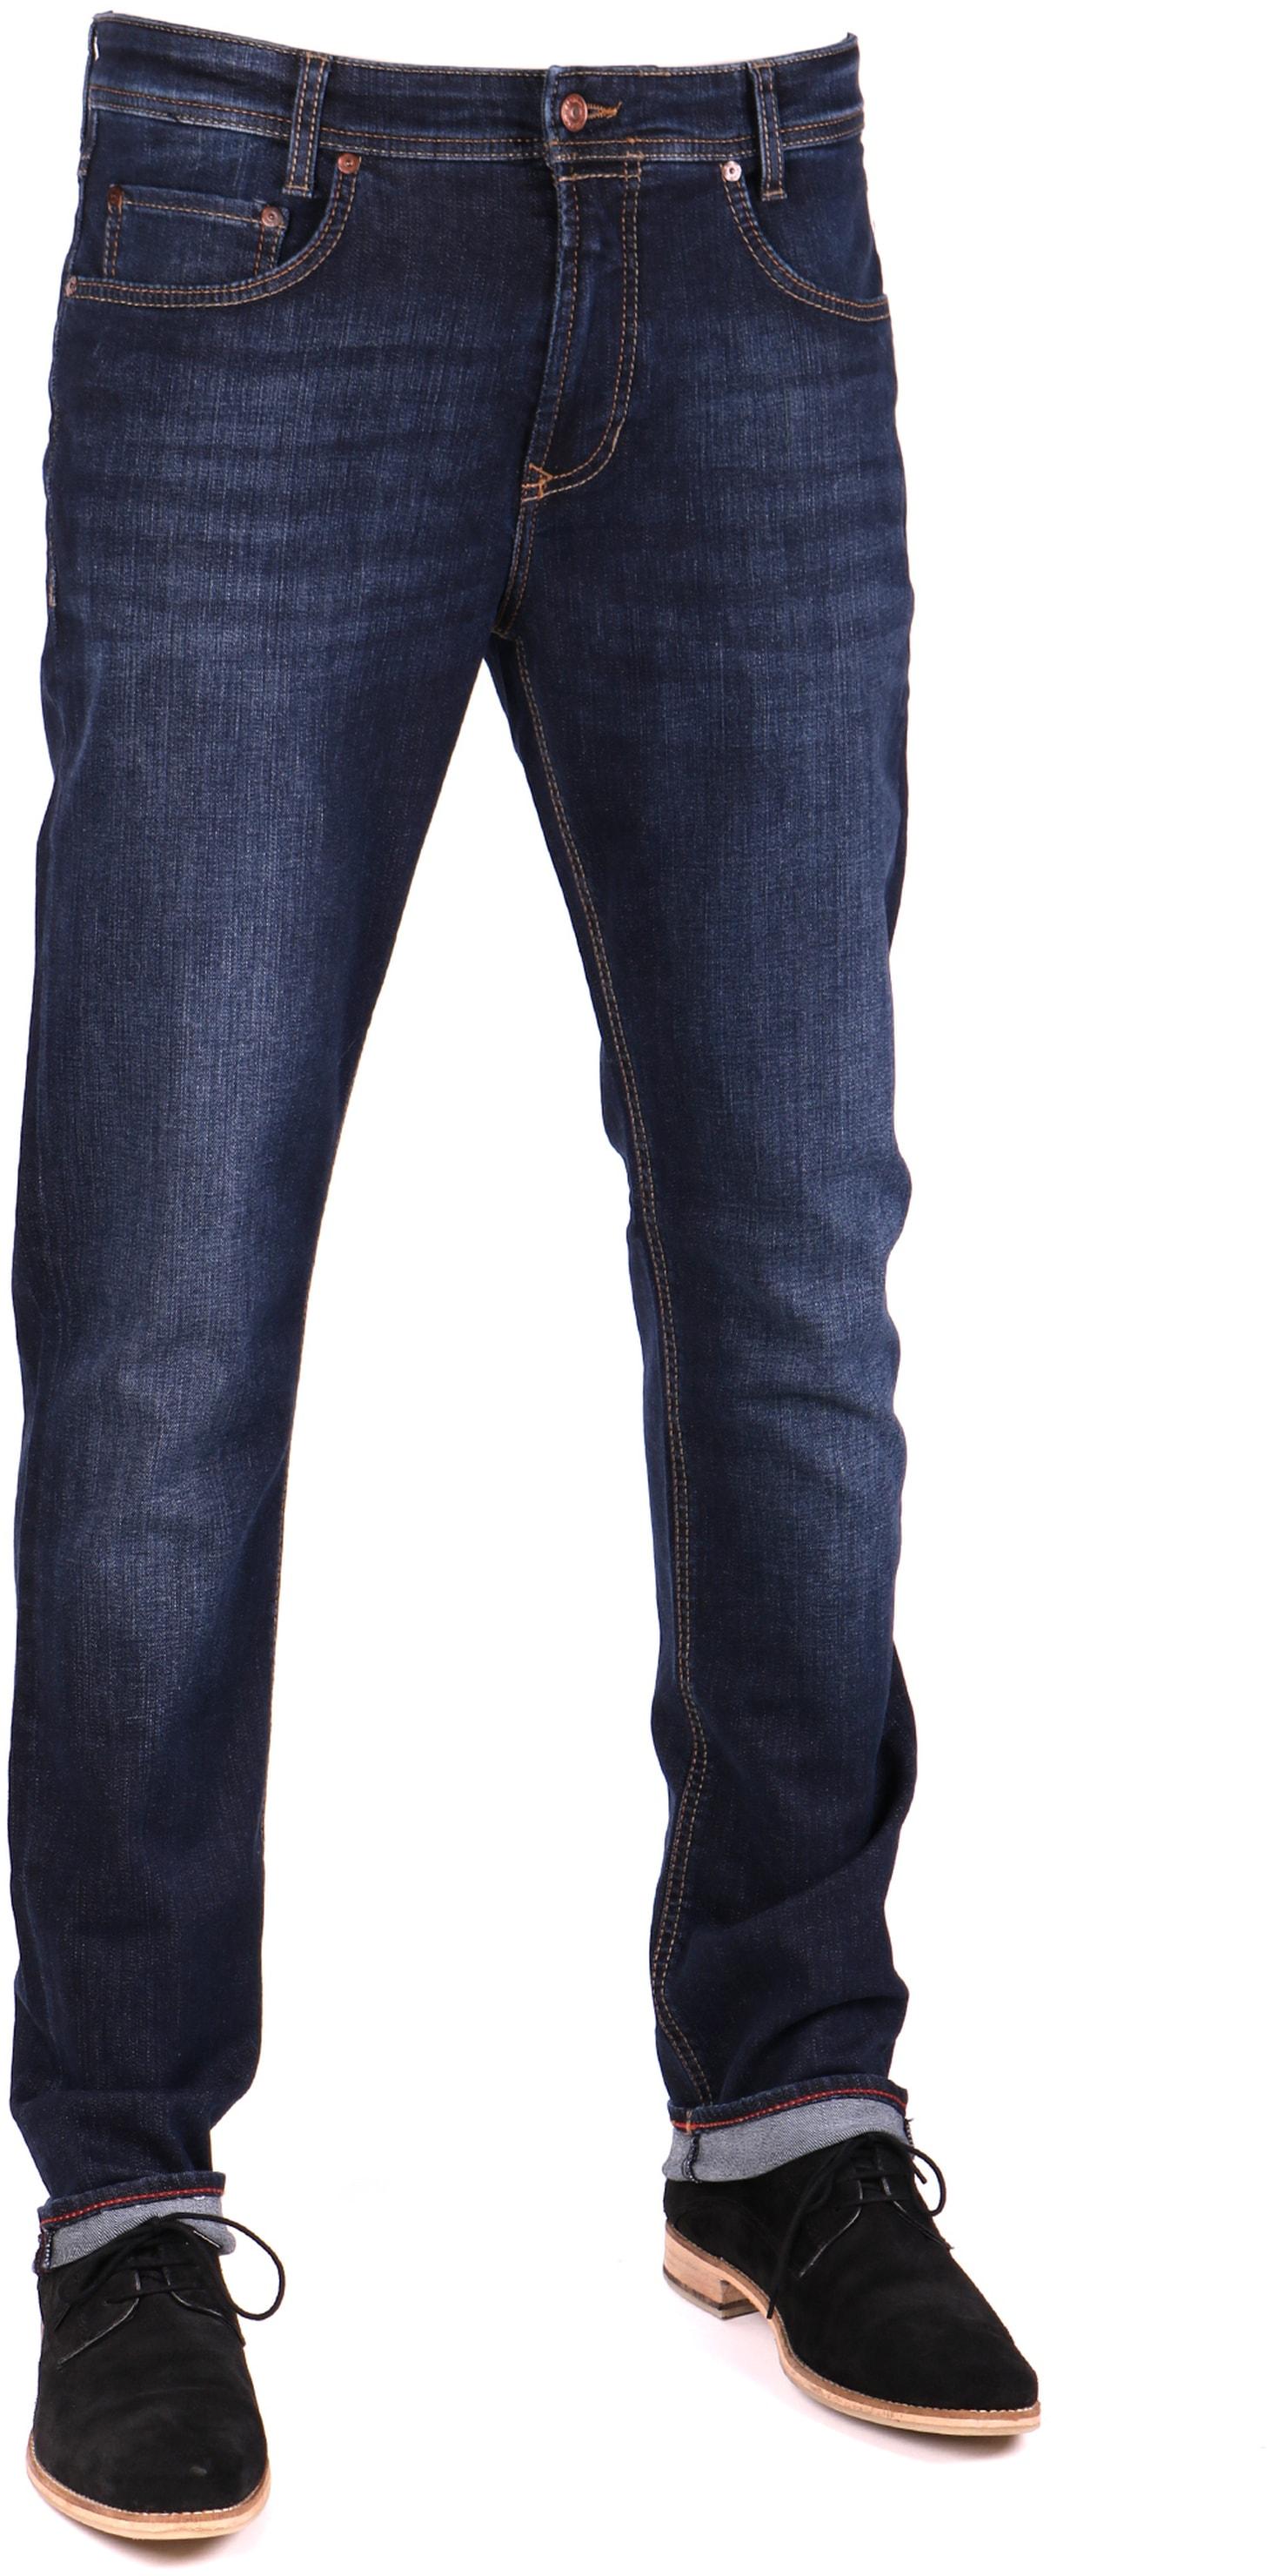 bis zu 80% sparen offiziell beispiellos Mac Jeans Arne Pipe H741 0970L Alpha Denim